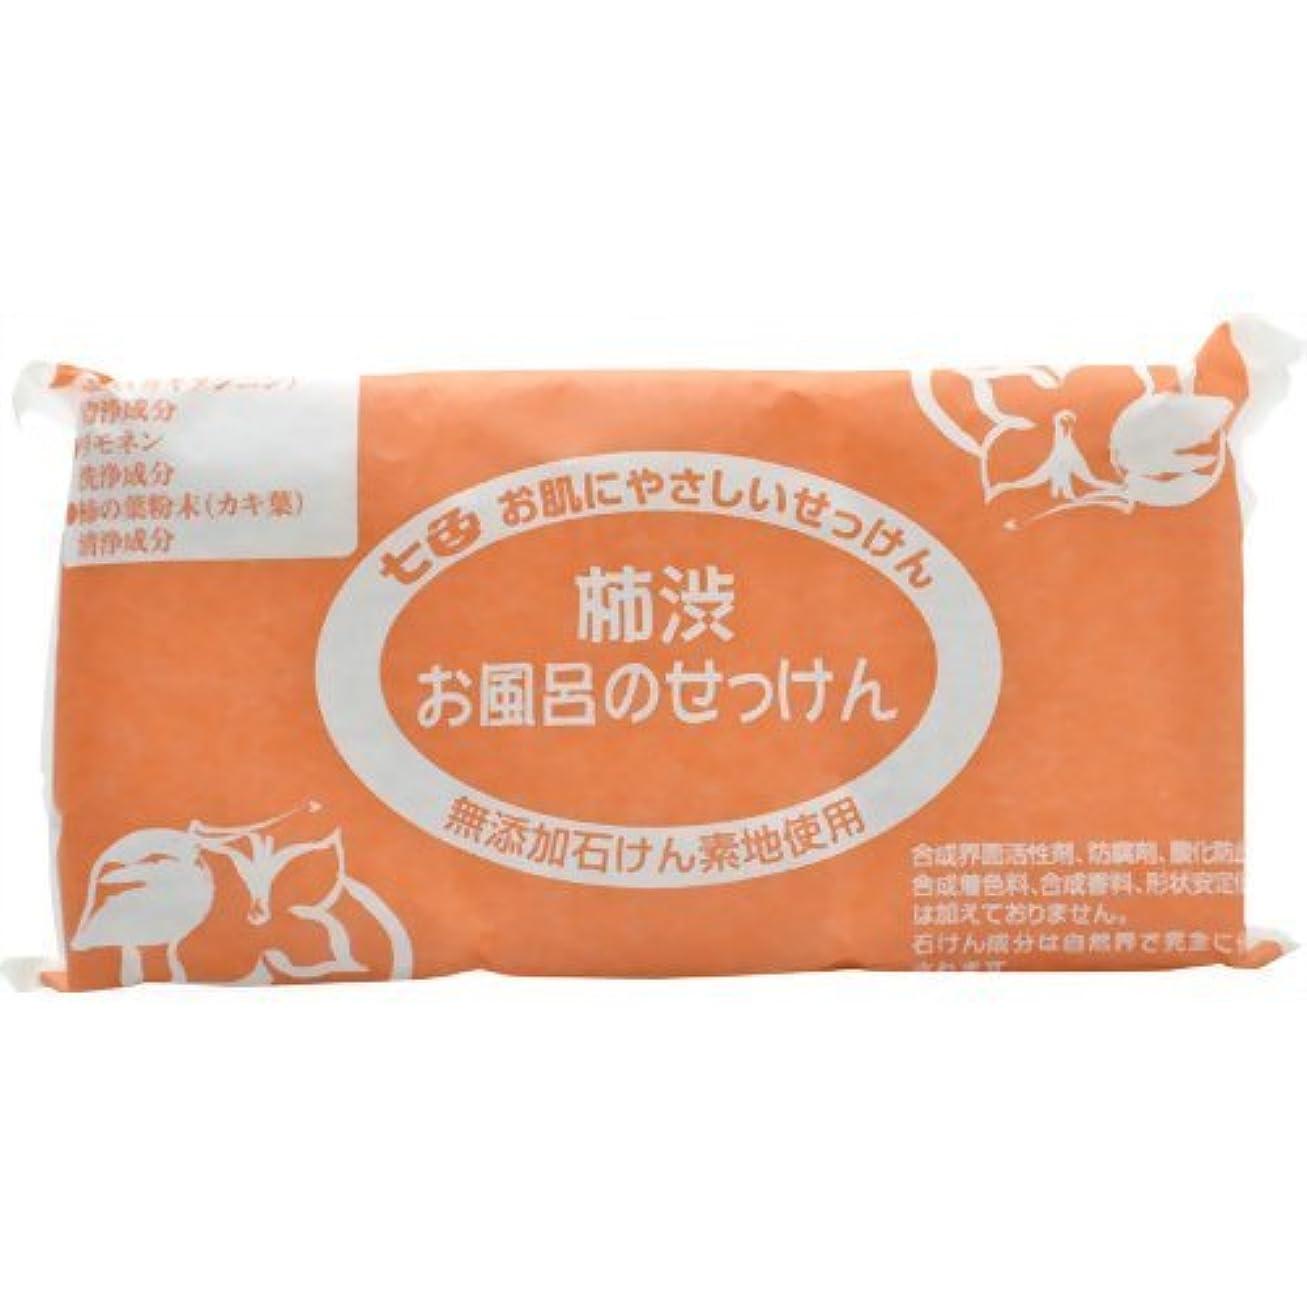 溶融トライアスロン別に七色 お風呂のせっけん 柿渋(無添加石鹸) 100g×3個入